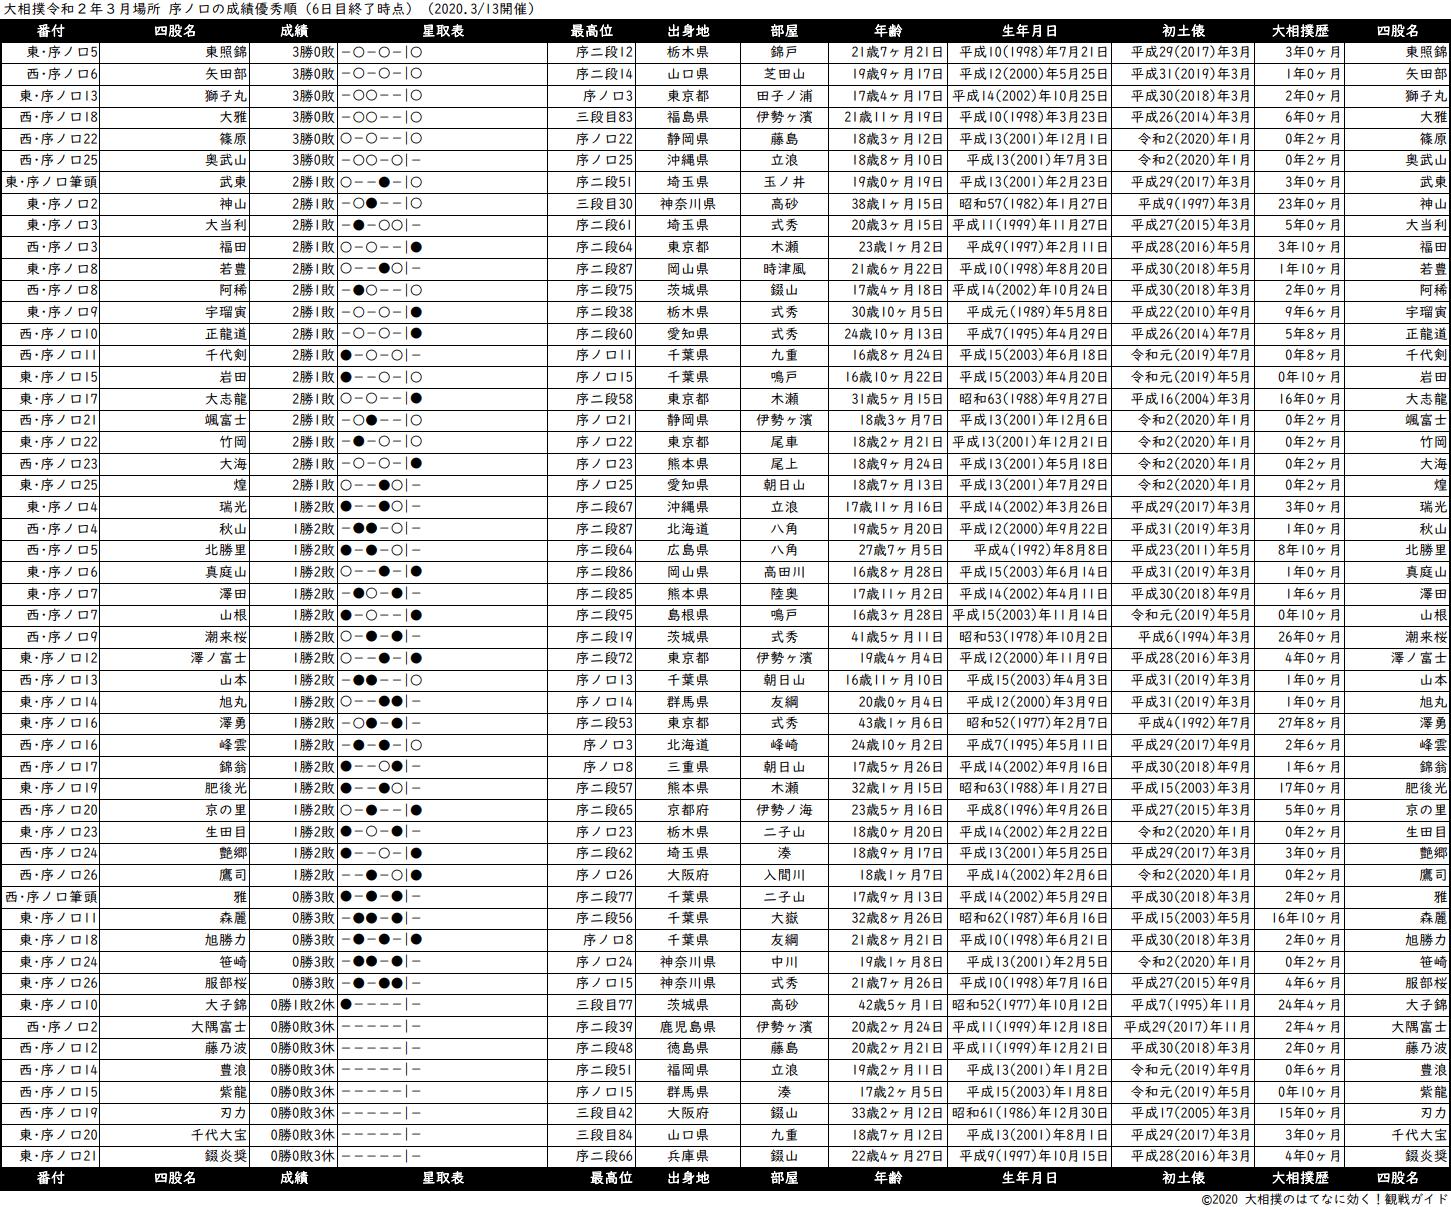 序ノ口成績順一覧表・2020年3月場所6日目